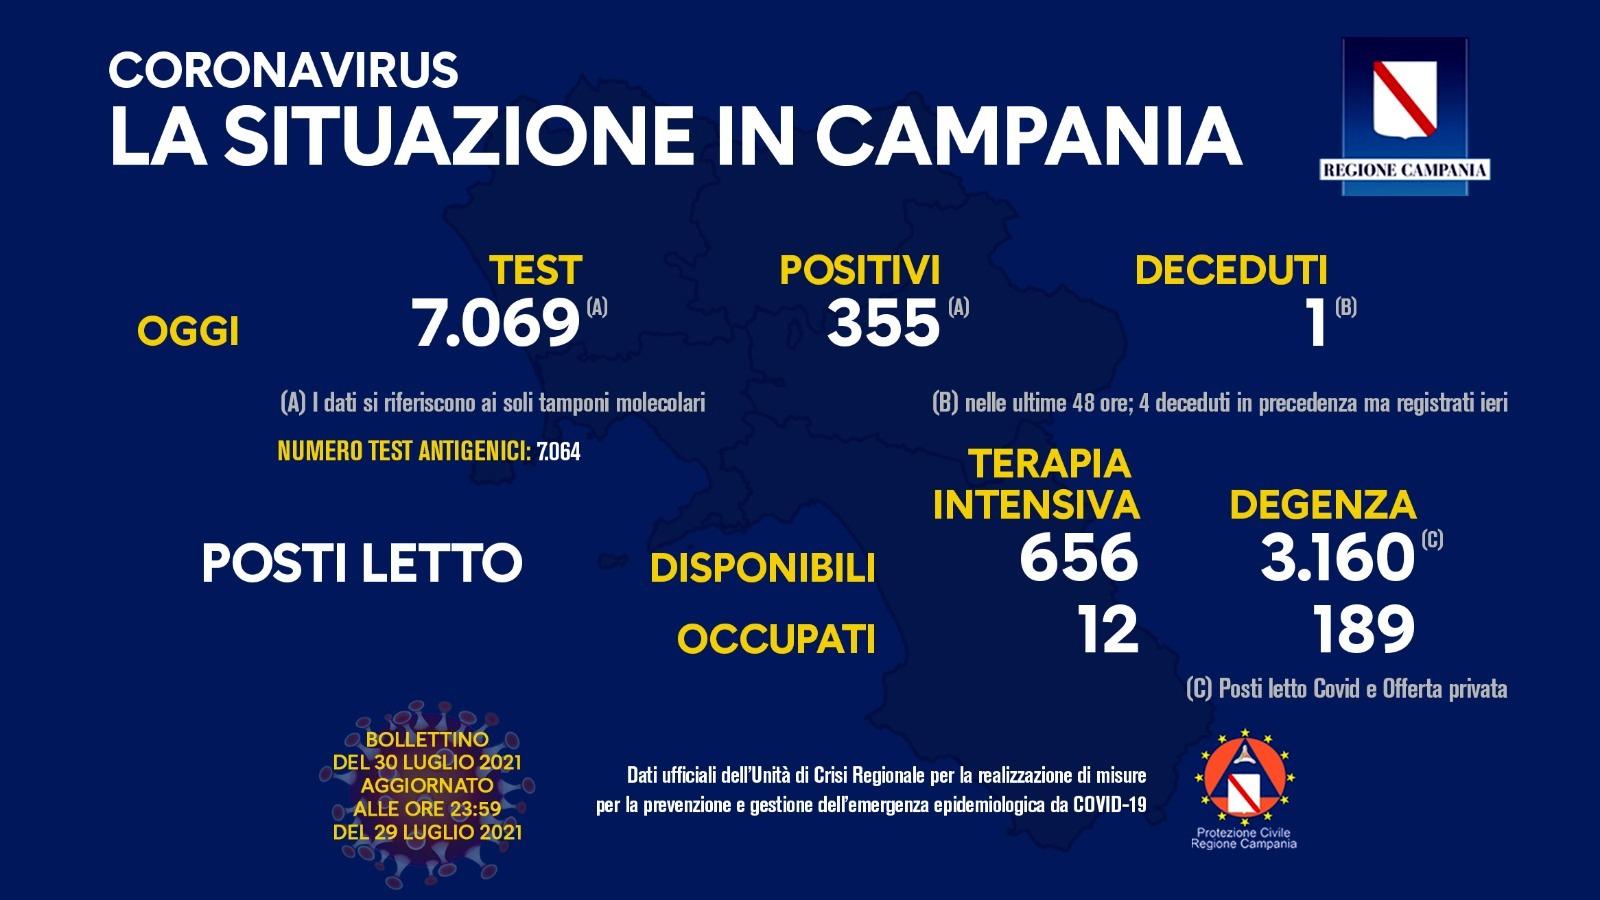 Covid 19 in Campania, bollettino del 29 luglio: 355 positivi